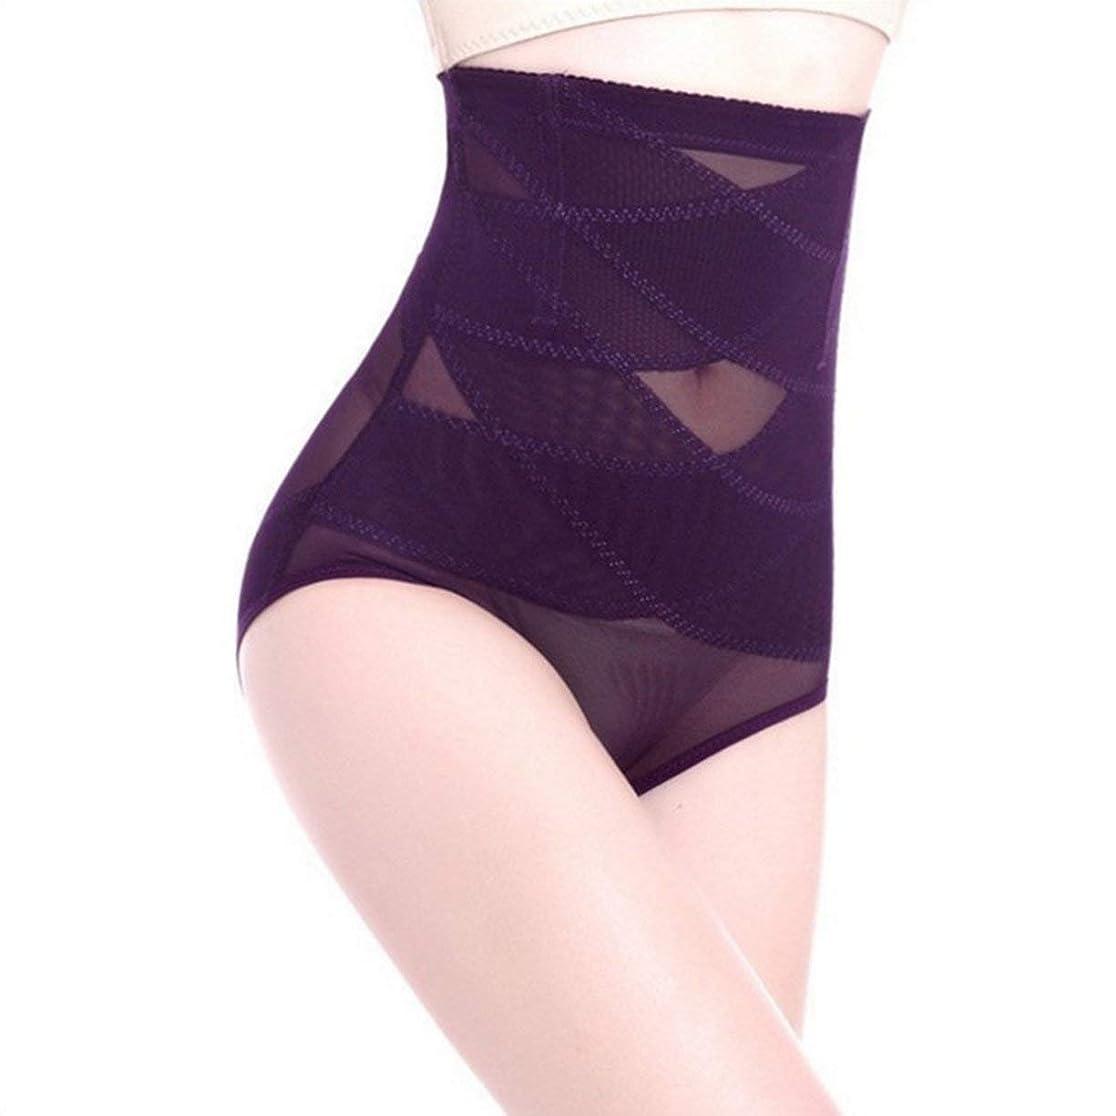 受賞アクセント施設通気性のあるハイウエスト女性痩身腹部コントロール下着シームレスおなかコントロールパンティーバットリフターボディシェイパー - パープル3 XL